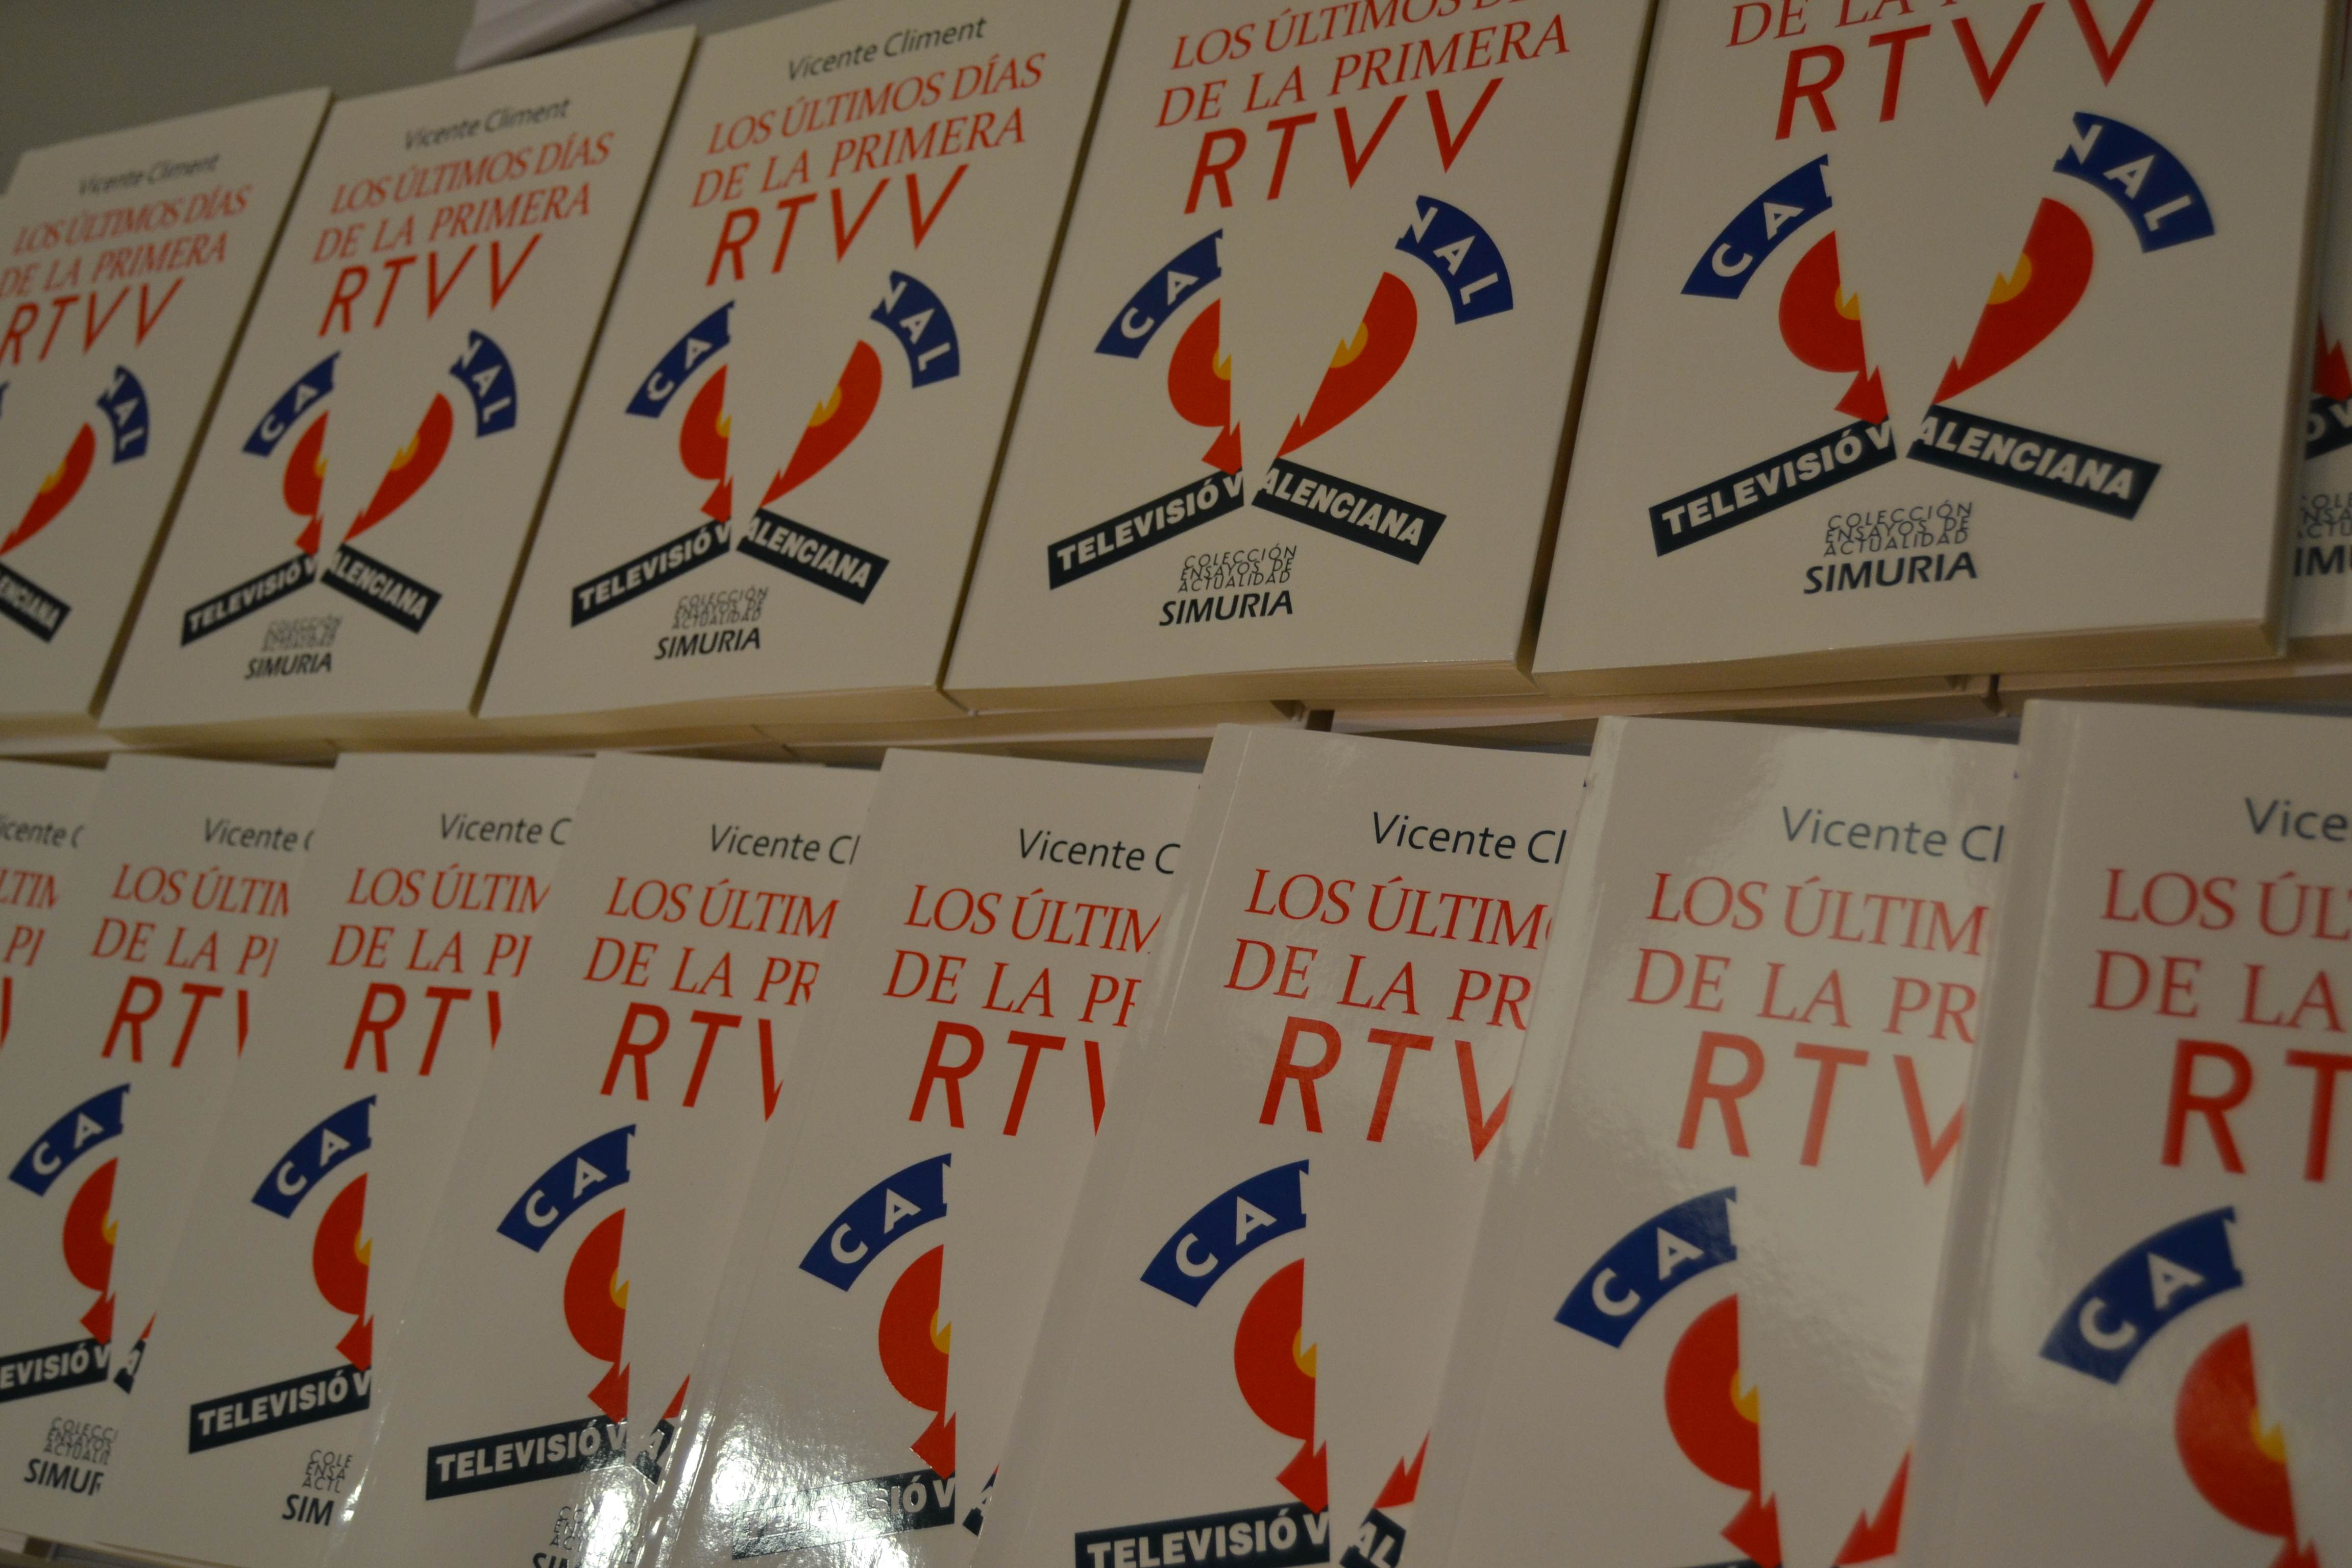 libro-los-ultimos-dias-primera-rtvv